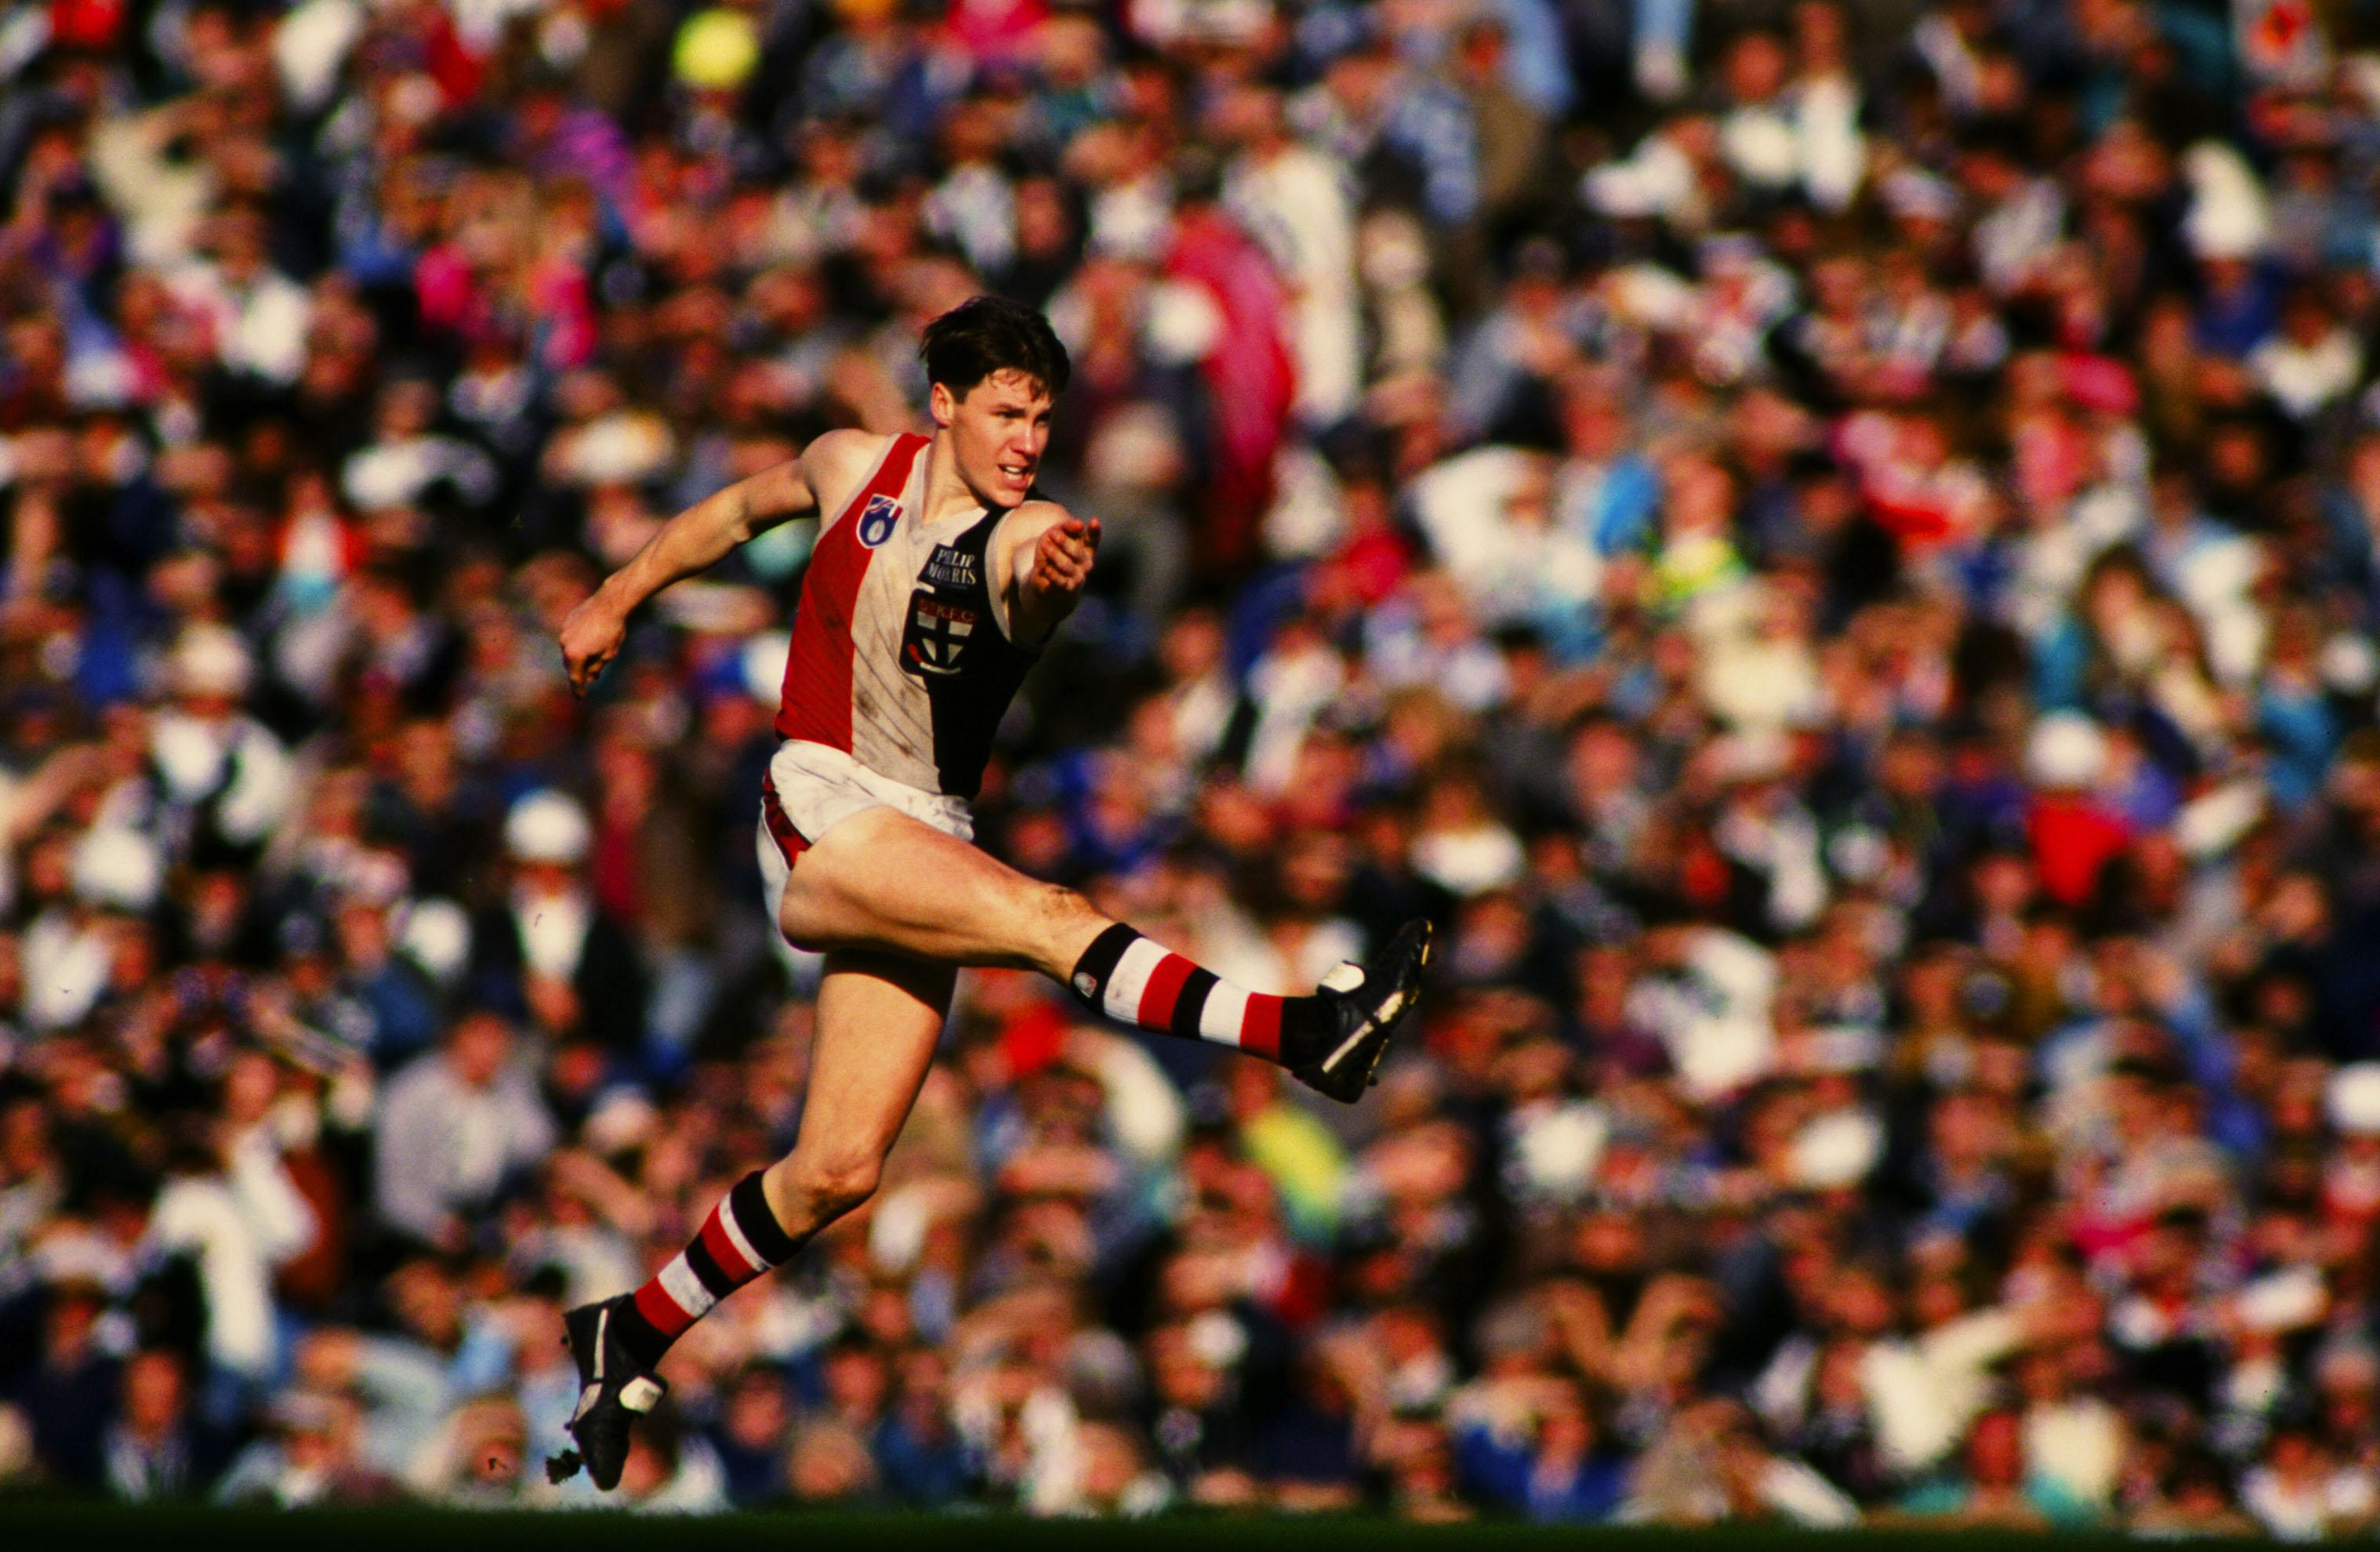 AFL 1992 2nd Elimination Final - Collingwood v St Kilda